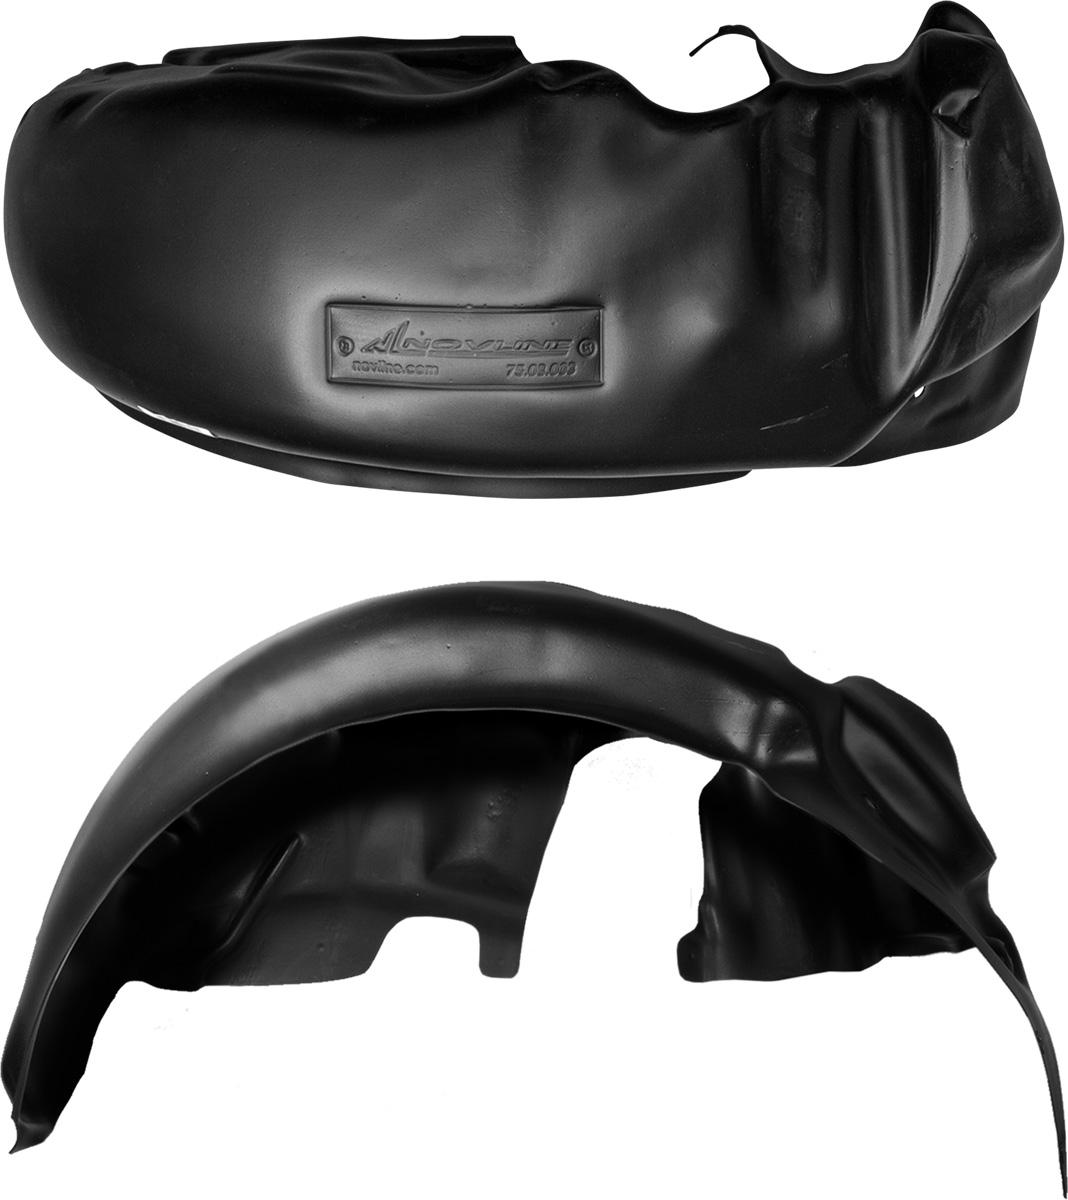 Подкрылок GREAT WALL Hover 2006-2010, задний правый98298123_черныйКолесные ниши – одни из самых уязвимых зон днища вашего автомобиля. Они постоянно подвергаются воздействию со стороны дороги. Лучшая, почти абсолютная защита для них - специально отформованные пластиковые кожухи, которые называются подкрылками, или локерами. Производятся они как для отечественных моделей автомобилей, так и для иномарок. Подкрылки выполнены из высококачественного, экологически чистого пластика. Обеспечивают надежную защиту кузова автомобиля от пескоструйного эффекта и негативного влияния, агрессивных антигололедных реагентов. Пластик обладает более низкой теплопроводностью, чем металл, поэтому в зимний период эксплуатации использование пластиковых подкрылков позволяет лучше защитить колесные ниши от налипания снега и образования наледи. Оригинальность конструкции подчеркивает элегантность автомобиля, бережно защищает нанесенное на днище кузова антикоррозийное покрытие и позволяет осуществить крепление подкрылков внутри колесной арки практически без дополнительного крепежа и сверления, не нарушая при этом лакокрасочного покрытия, что предотвращает возникновение новых очагов коррозии. Технология крепления подкрылков на иномарки принципиально отличается от крепления на российские автомобили и разрабатывается индивидуально для каждой модели автомобиля. Подкрылки долговечны, обладают высокой прочностью и сохраняют заданную форму, а также все свои физико-механические характеристики в самых тяжелых климатических условиях ( от -50° С до + 50° С).